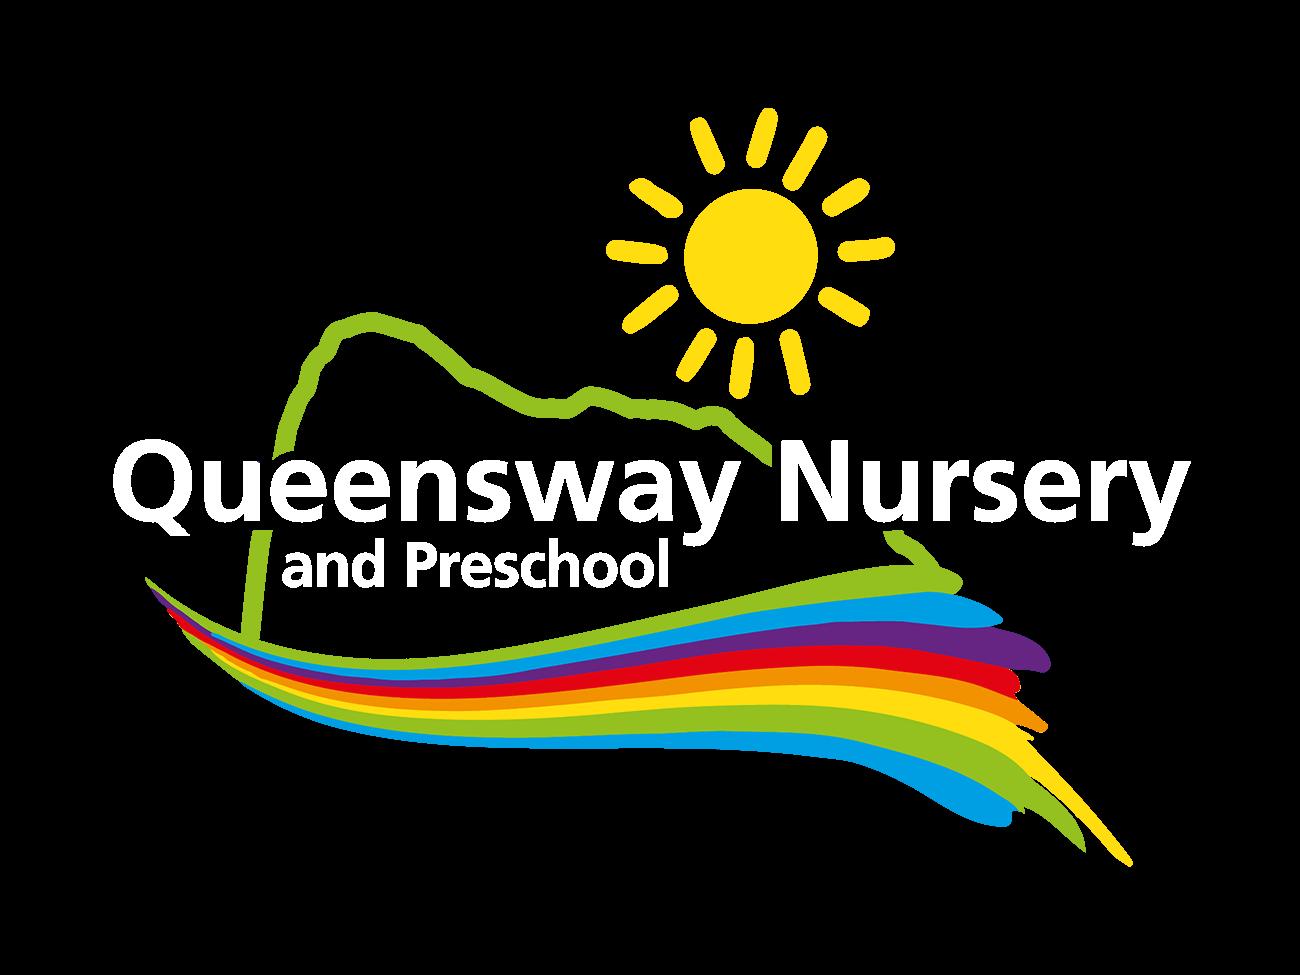 Queensway Nursery & Preschool